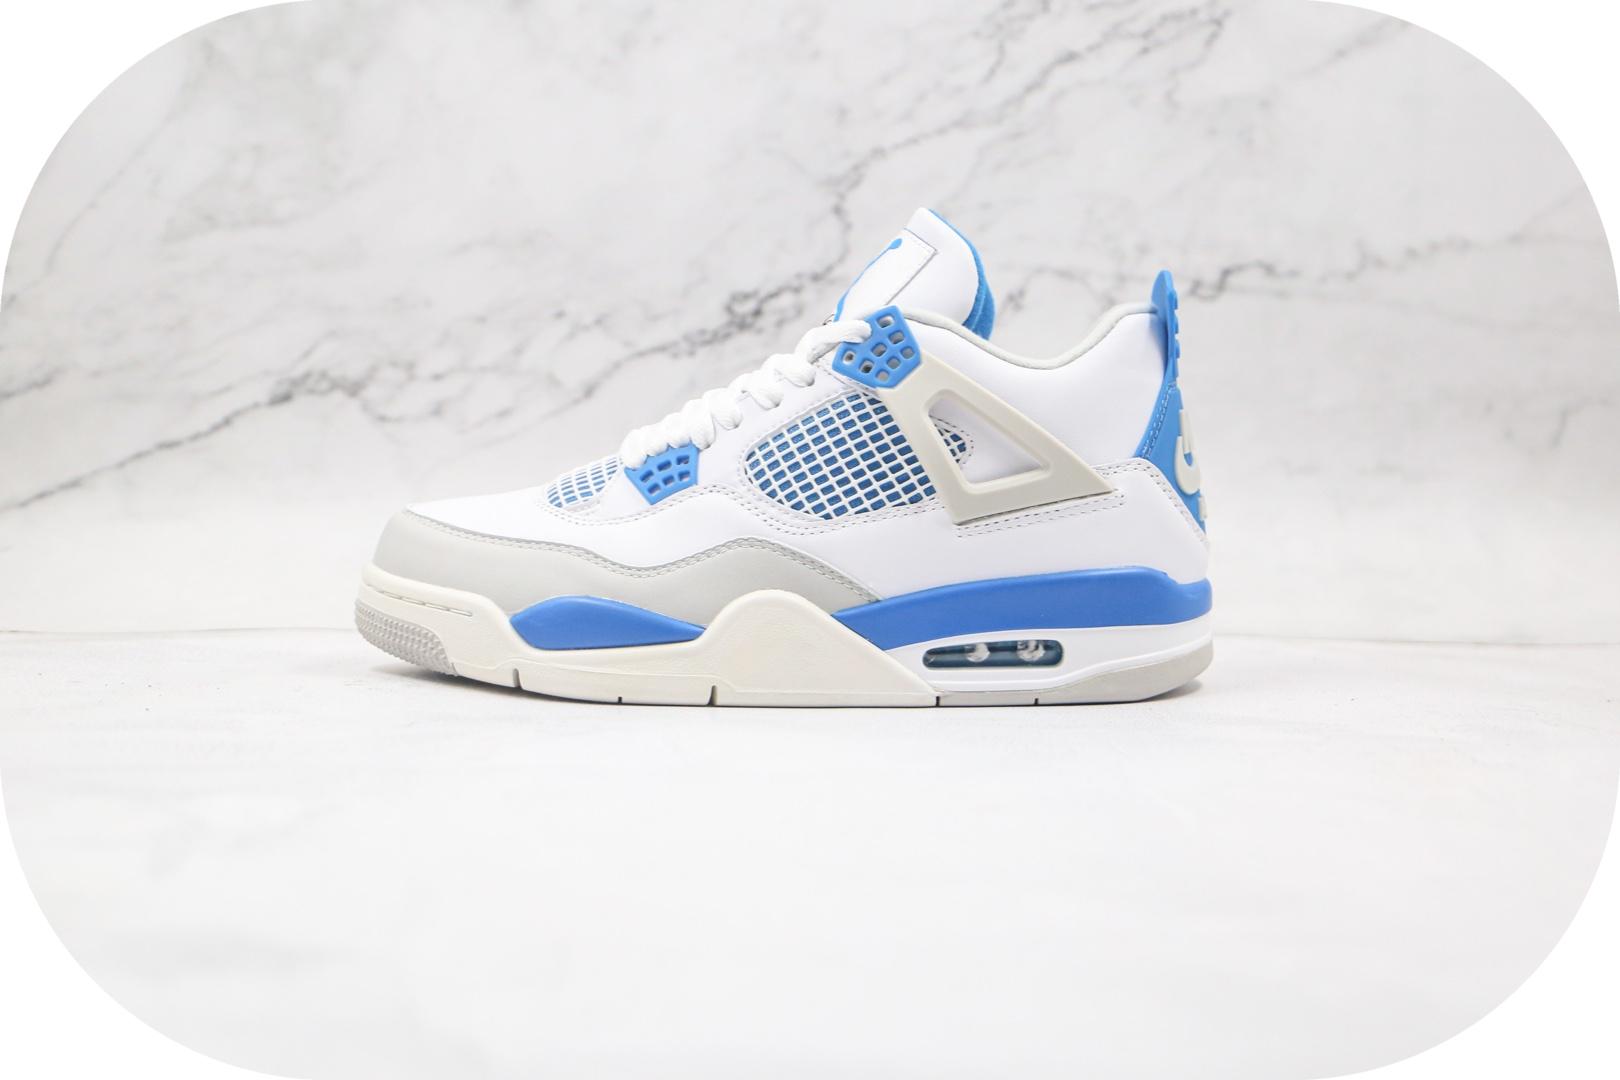 乔丹Air Jordan 4纯原版本高帮AJ4白蓝配色篮球鞋正确鞋面头层皮革原盒原标 货号:308497-105封面